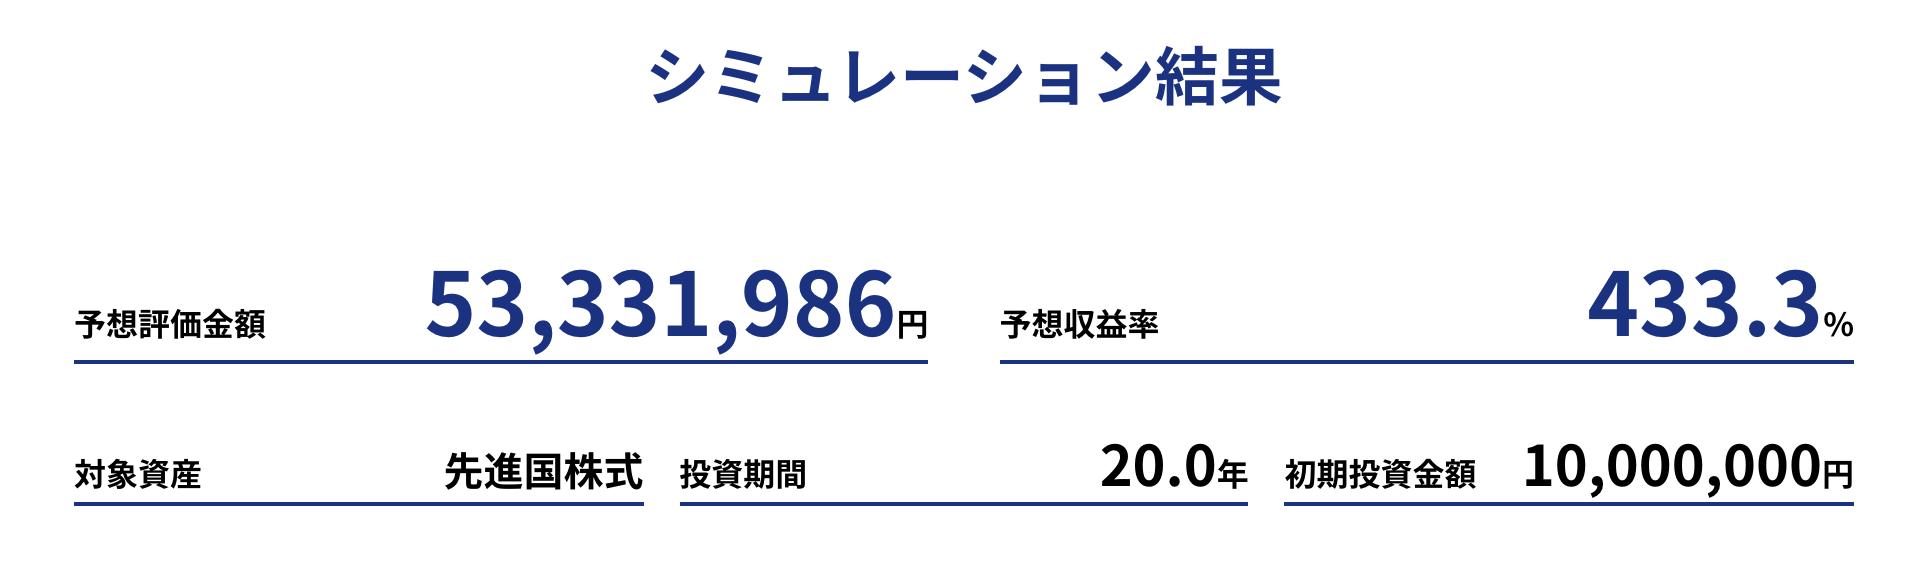 1,000万円一括投資シミュレーション